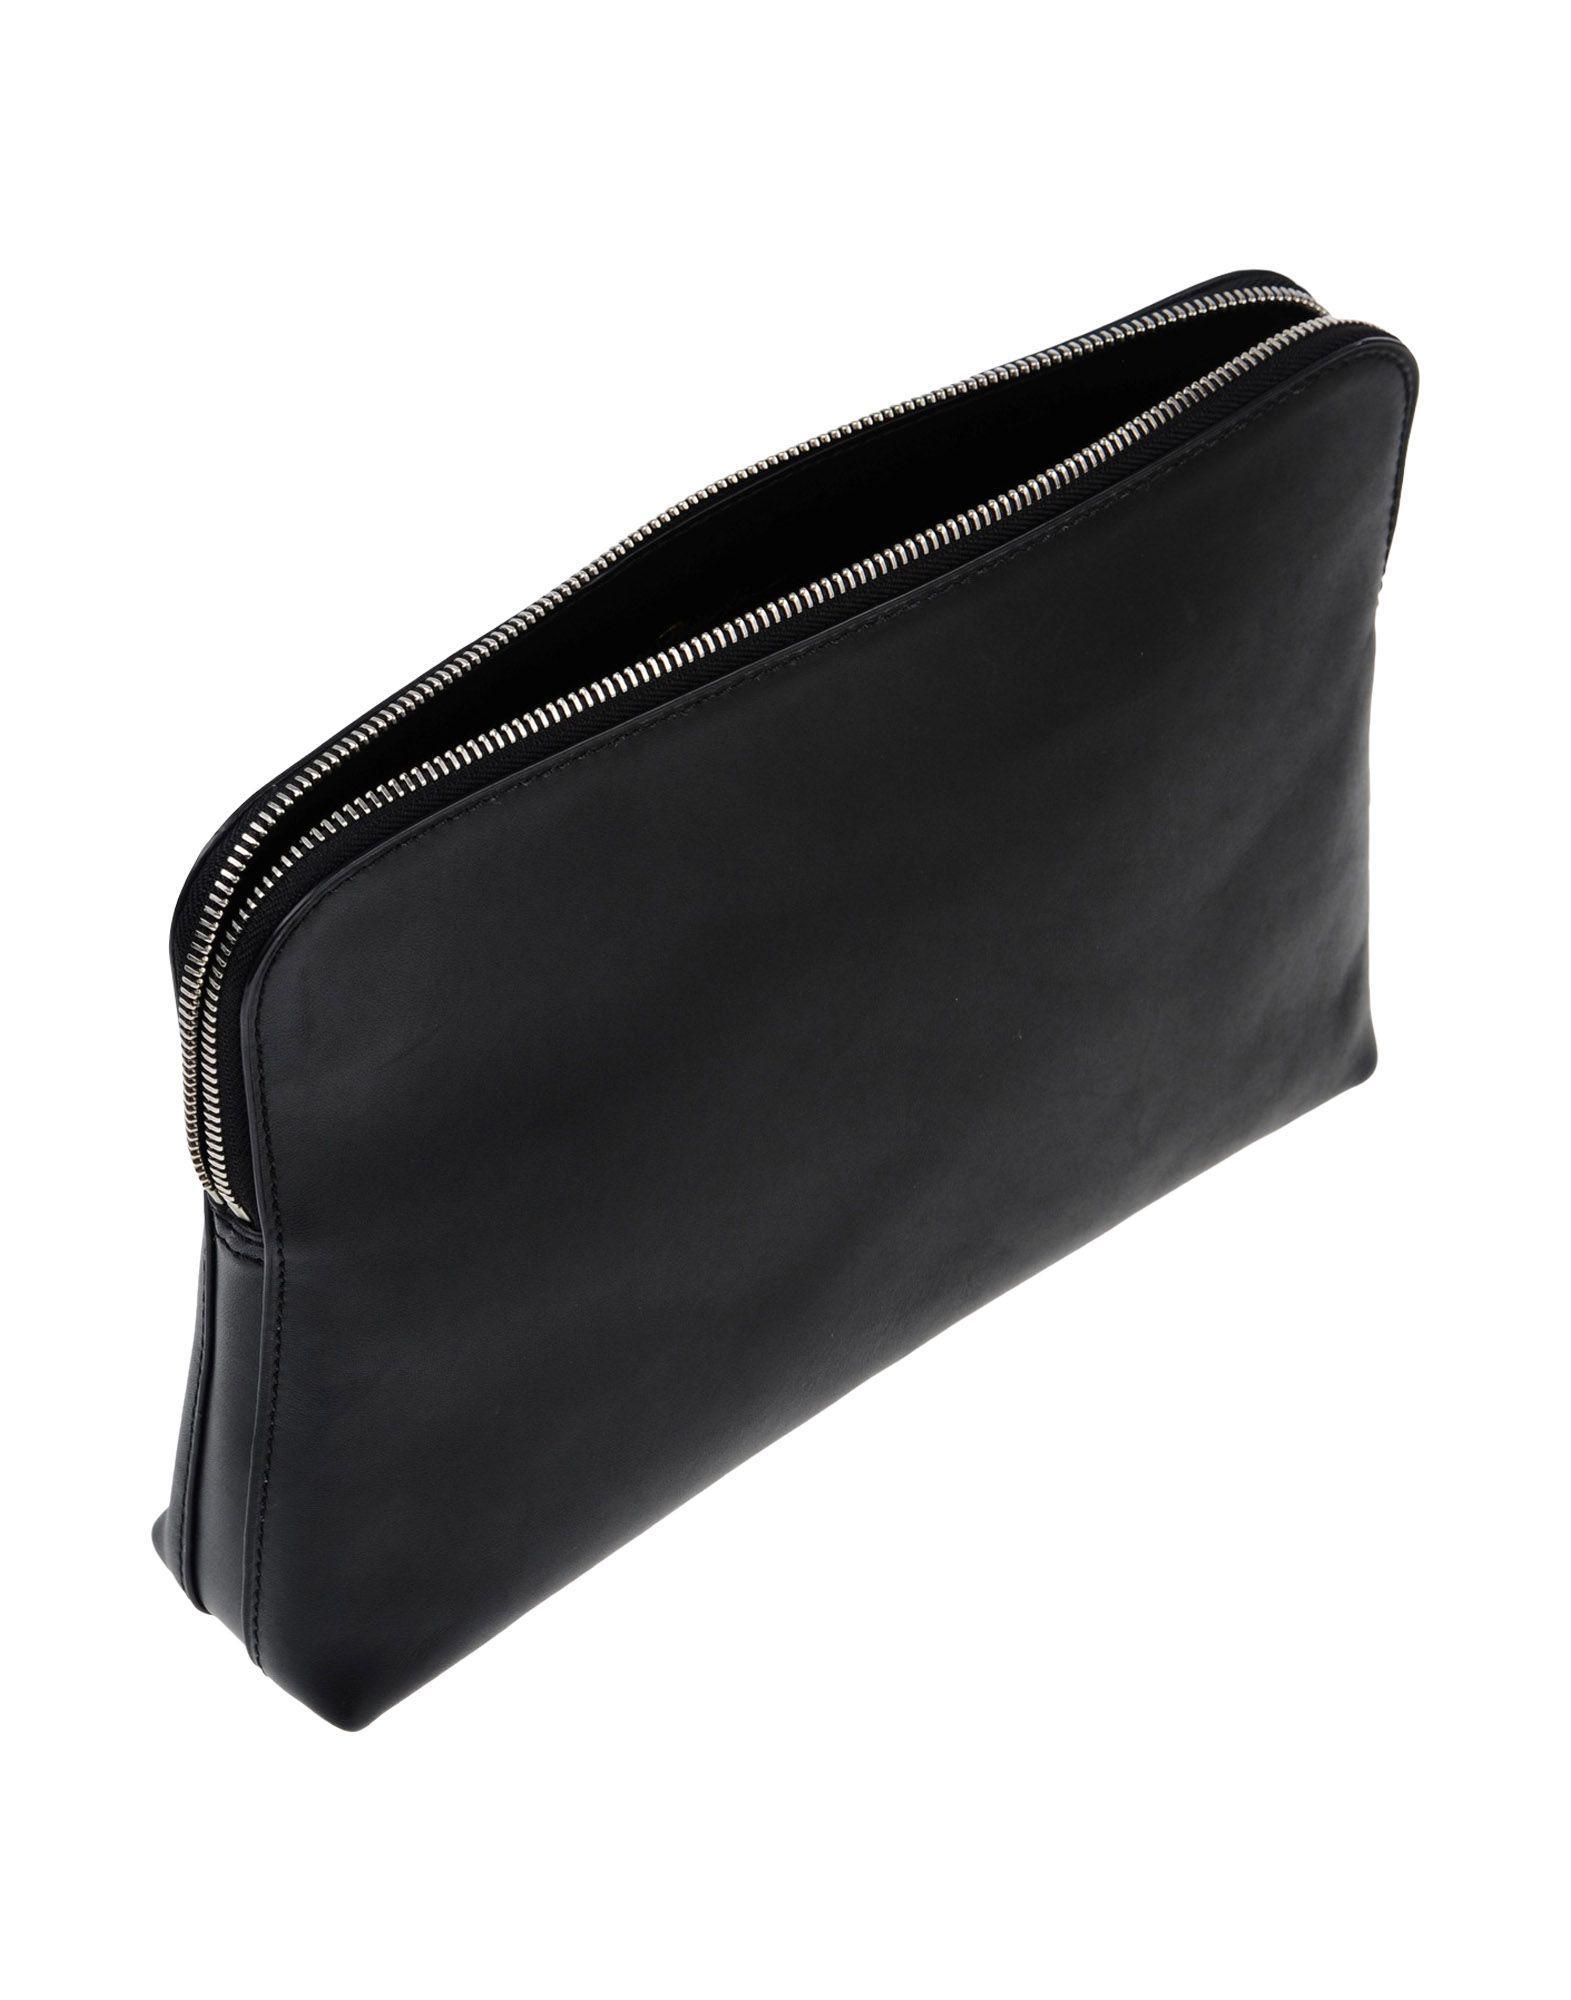 3.1 Phillip Lim Leder Handtaschen in Schwarz 6Ojx9